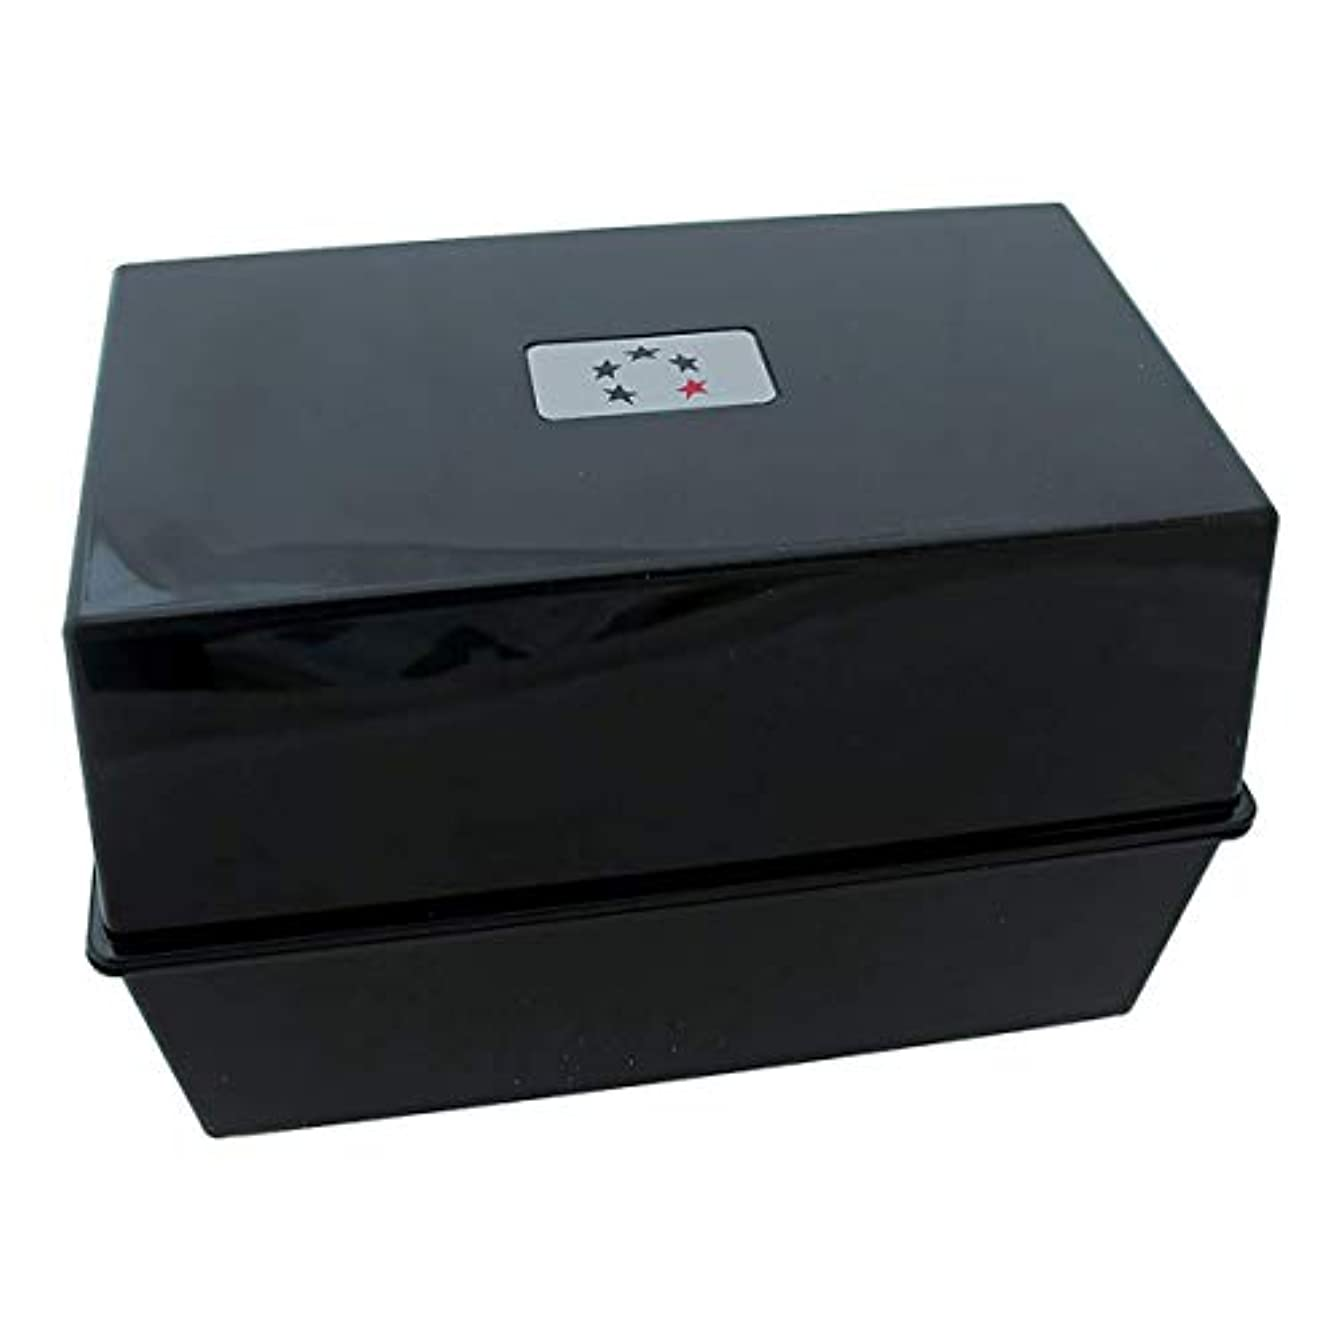 ワイン変動する虚弱アジェンダ サロンコンセプト カードインデックスボックスブラック(A-Zカード含む)[海外直送品] [並行輸入品]